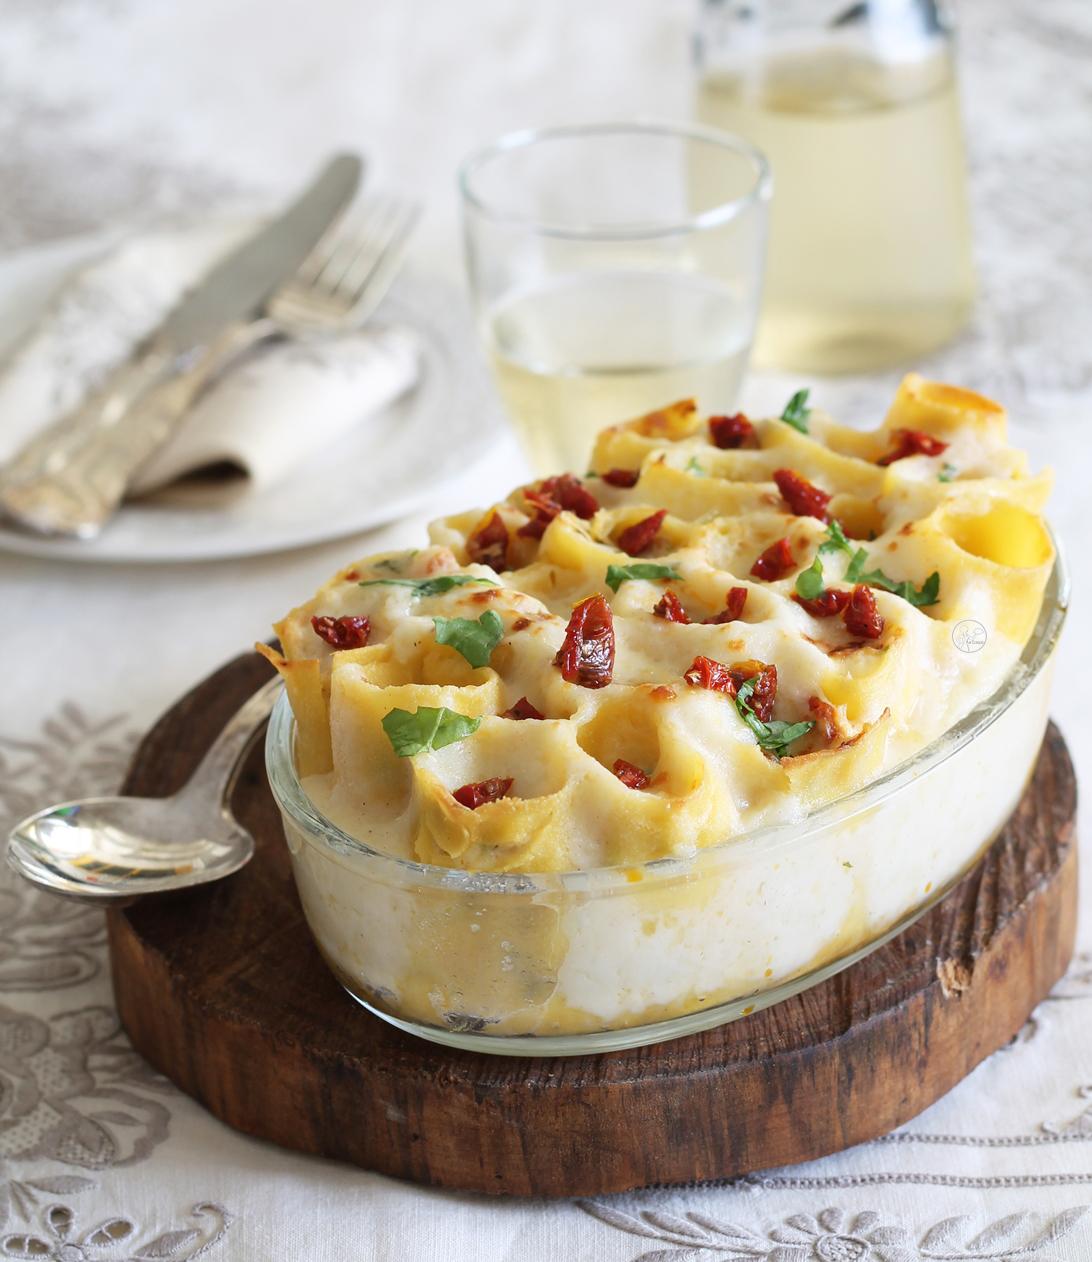 Cannelloni avec ricotta et roquette sans gluten - La Cassata Celiaca